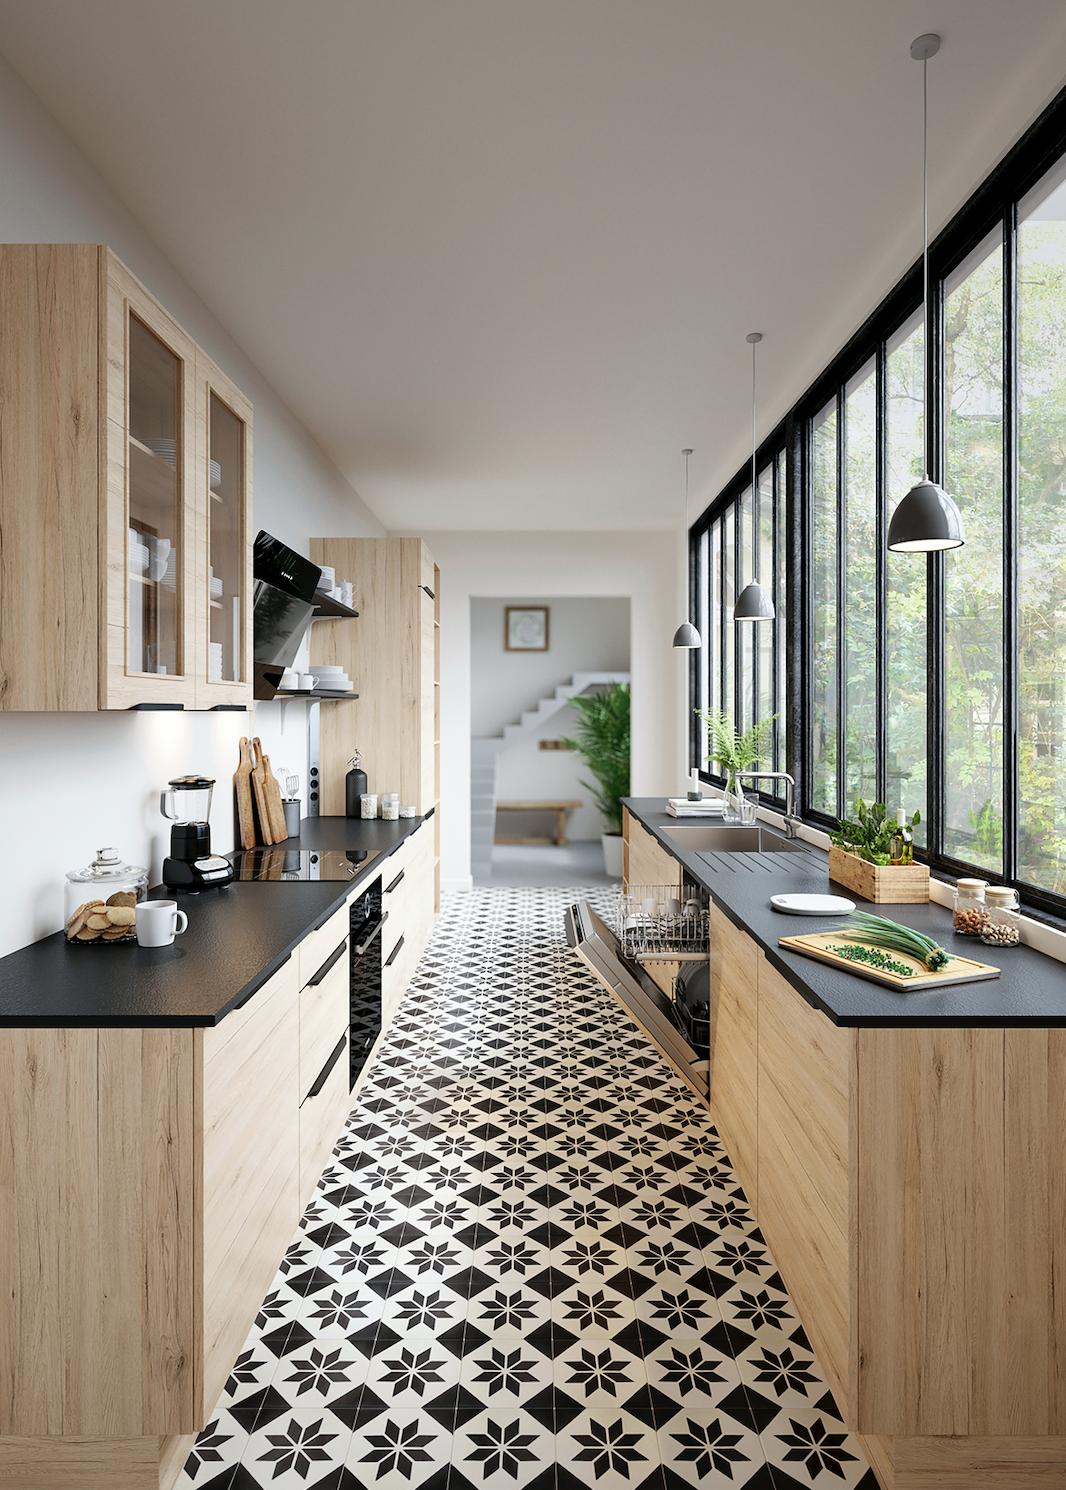 15 open kitchens noticed on Pinterest #kitchens #pinterest